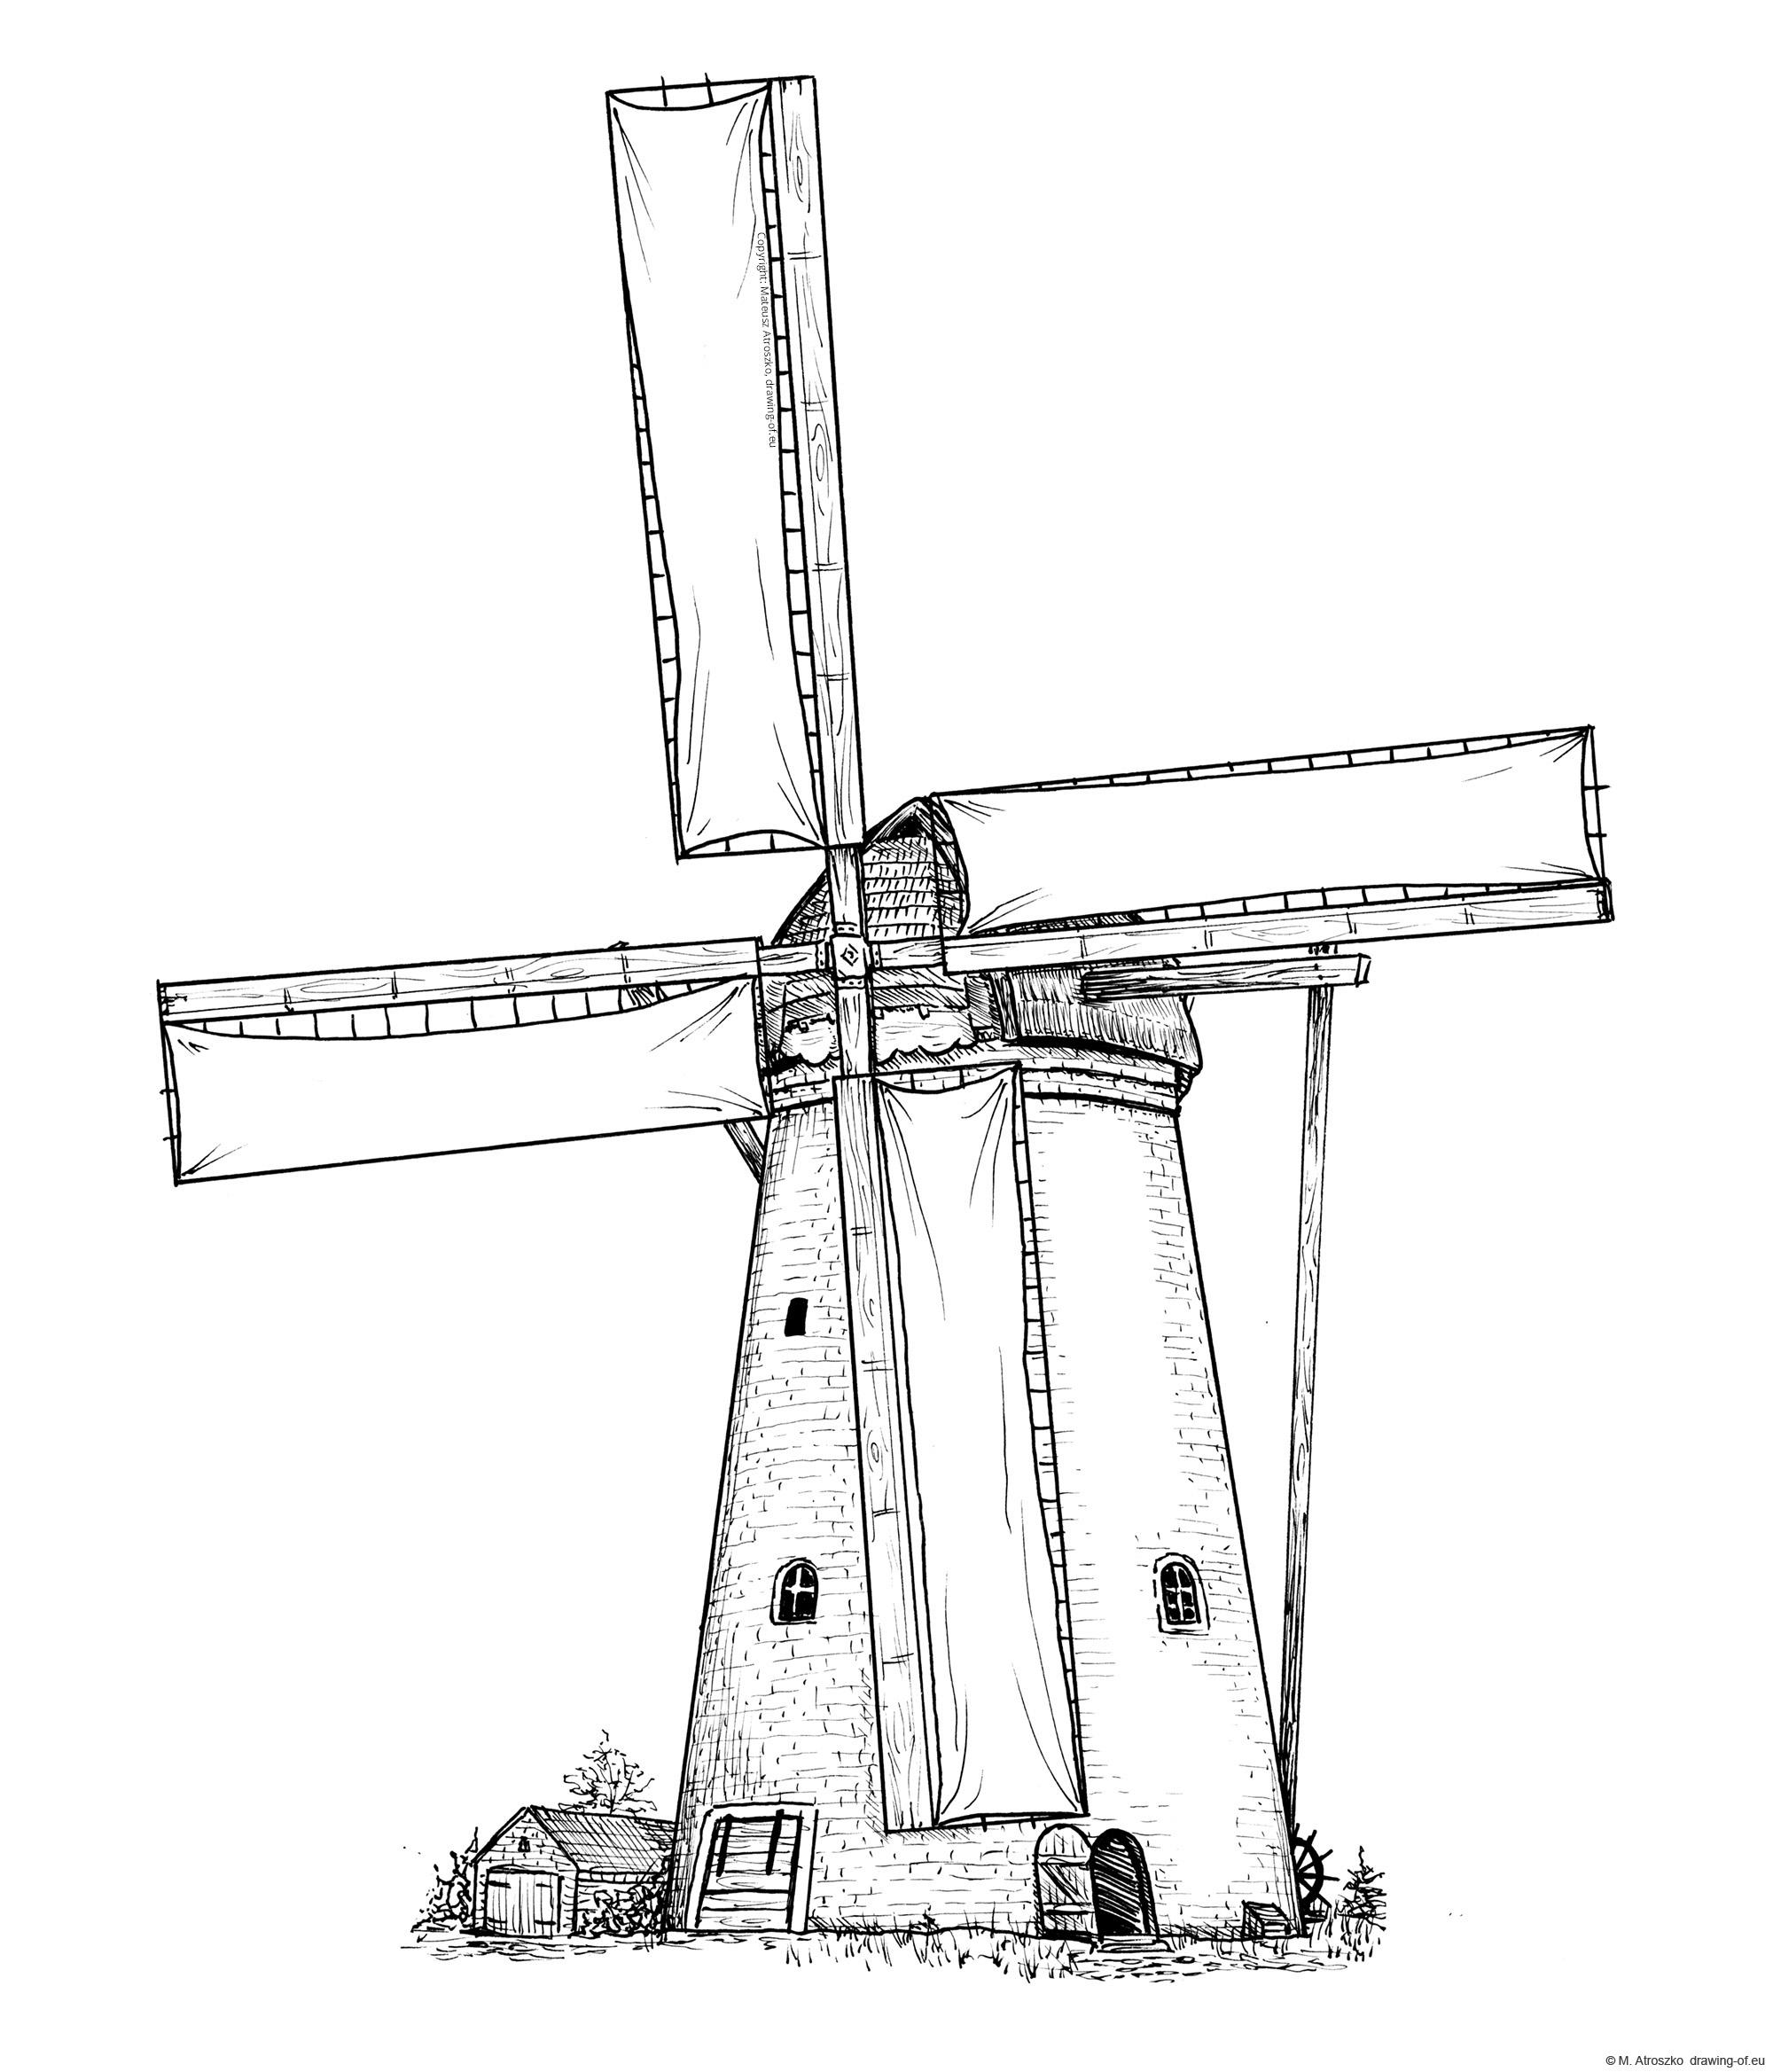 Dibujo de molina de vento